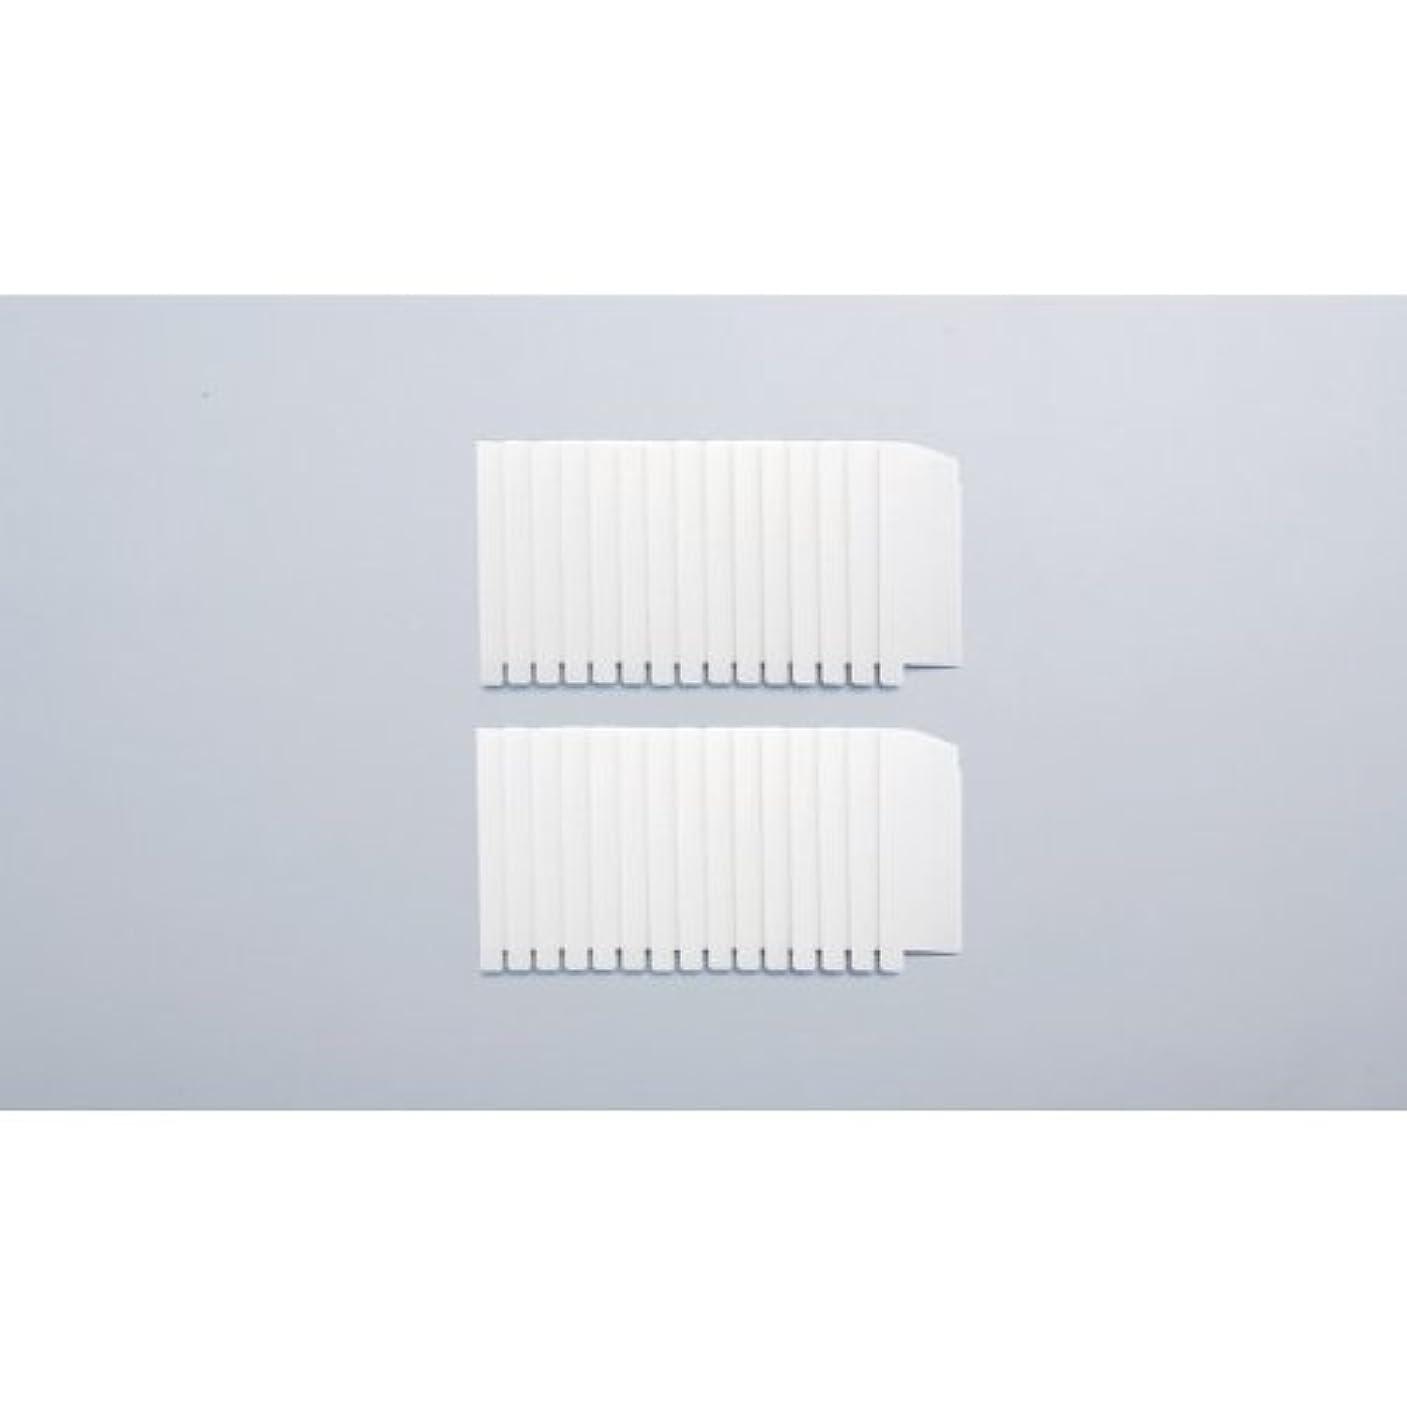 伝染病リダクター風邪をひくガイアモパーソナルタイプ 替えフィルター2セット組 119041